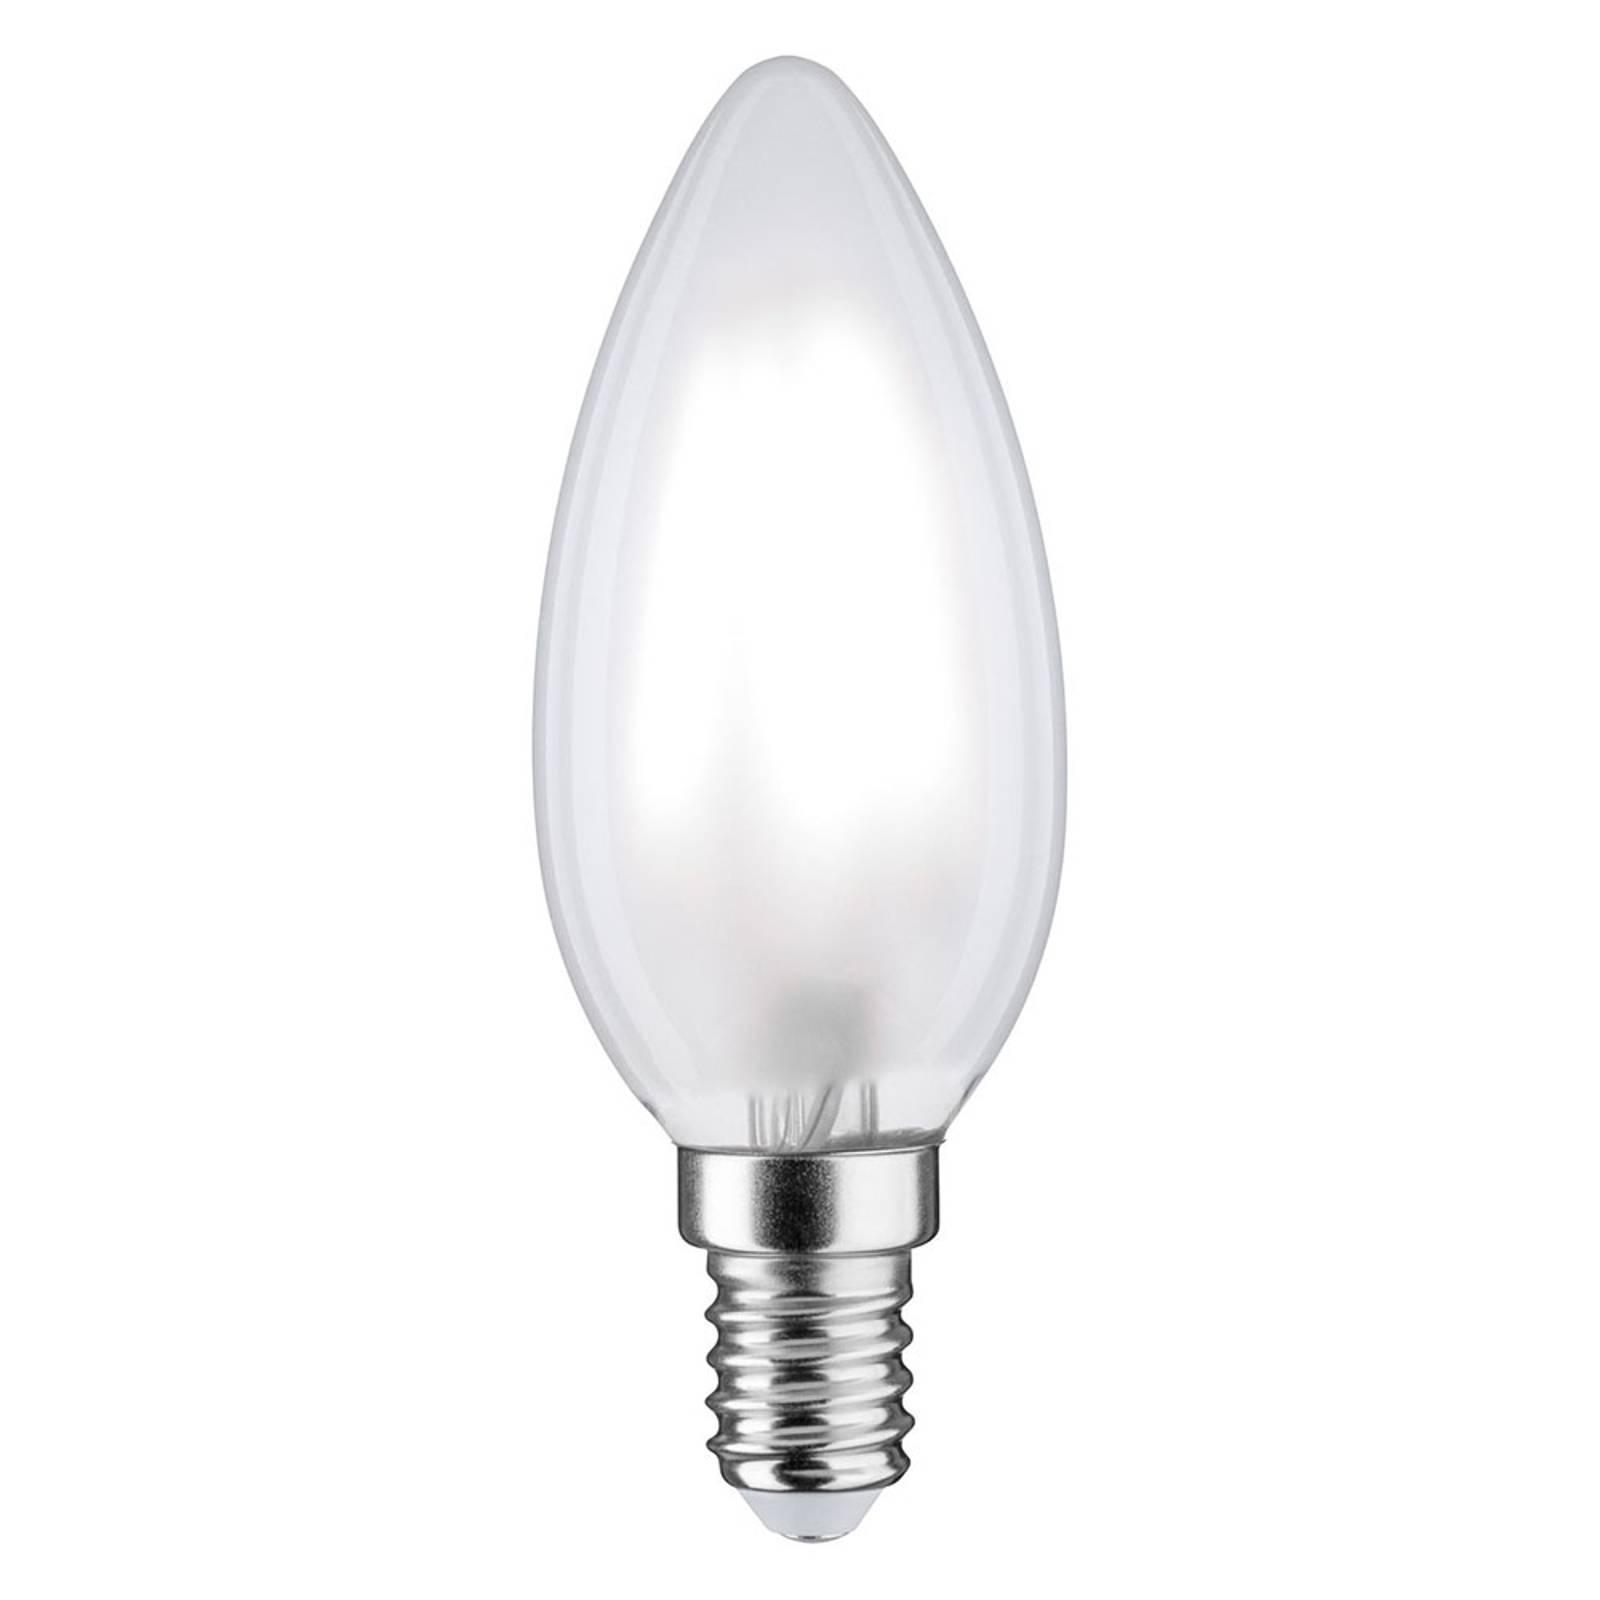 Paulmann LED-Kerze E14 5W 865 470lm matt dimmbar